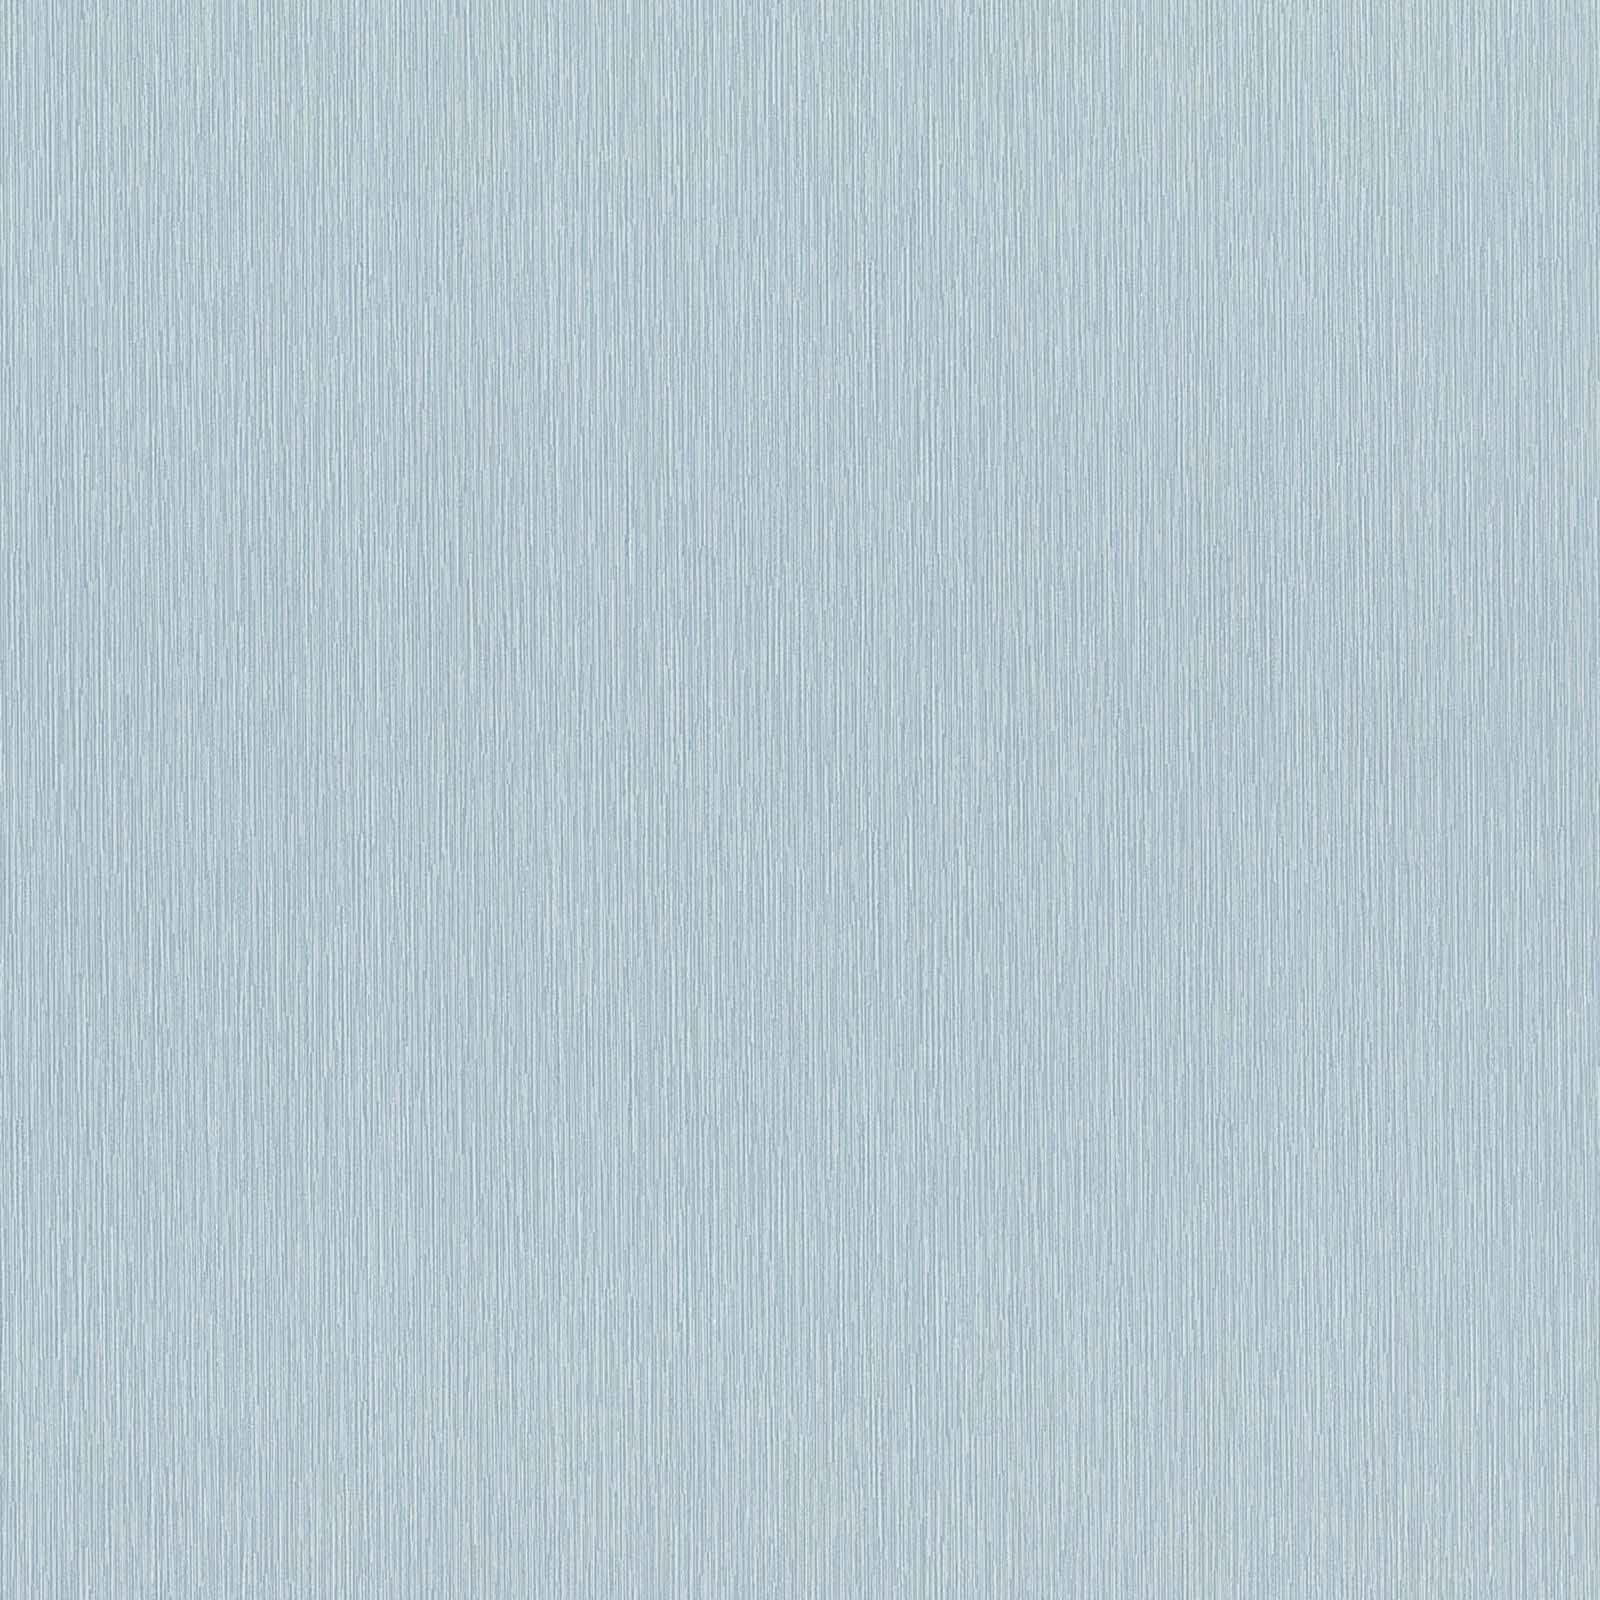 vliestapete uni blau mit struktur 10 meter vliestapeten tapeten borten renovieren. Black Bedroom Furniture Sets. Home Design Ideas